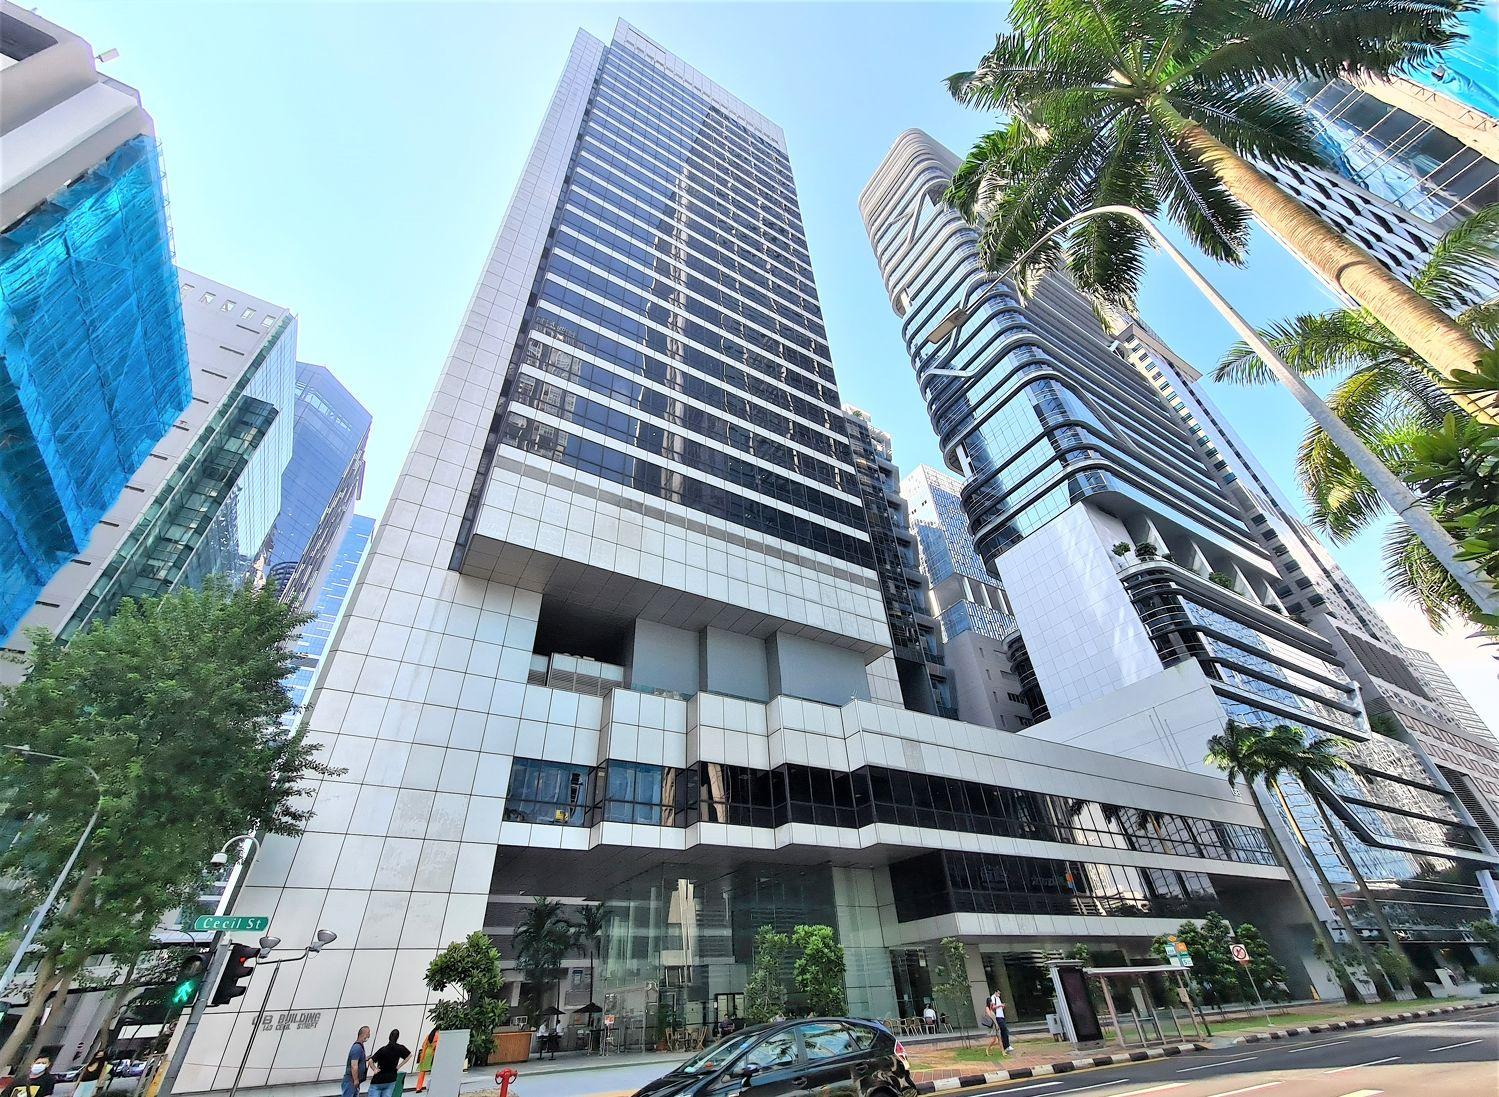 GB BUILDING - EDGEPROP SINGAPORE